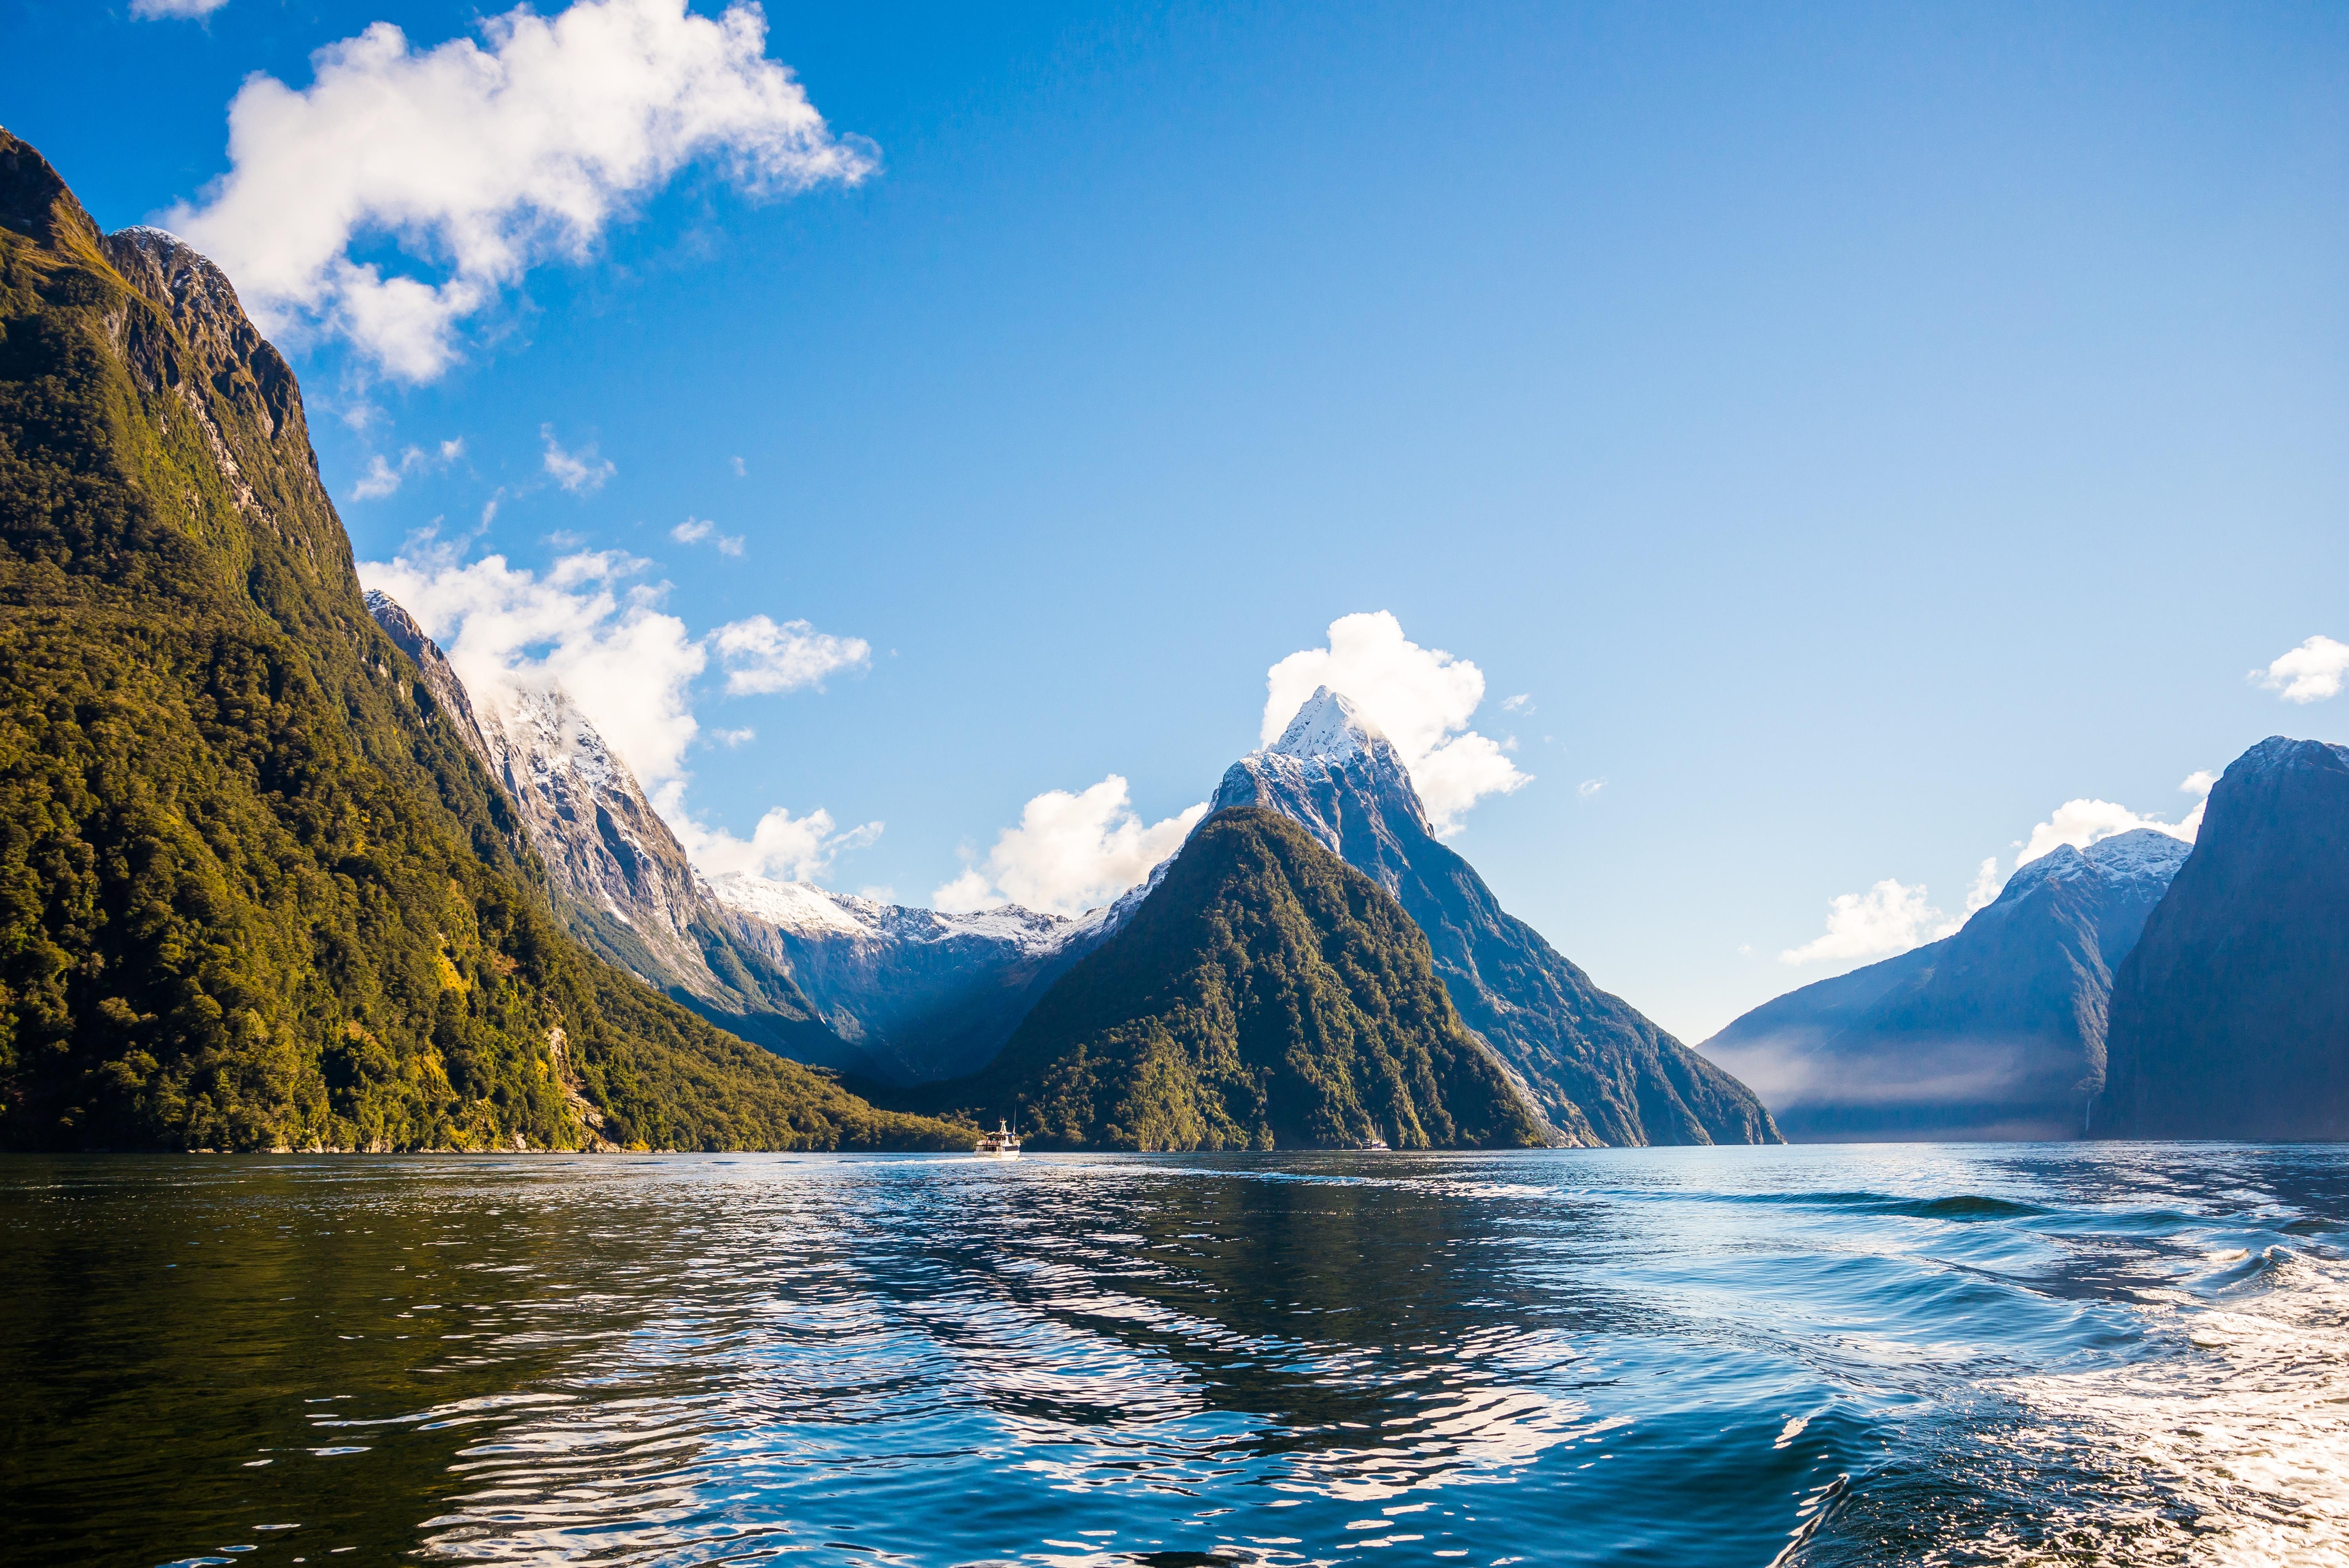 Nuova zelanda viaggi mare paesaggi 4 alidays for Foto paesaggi gratis